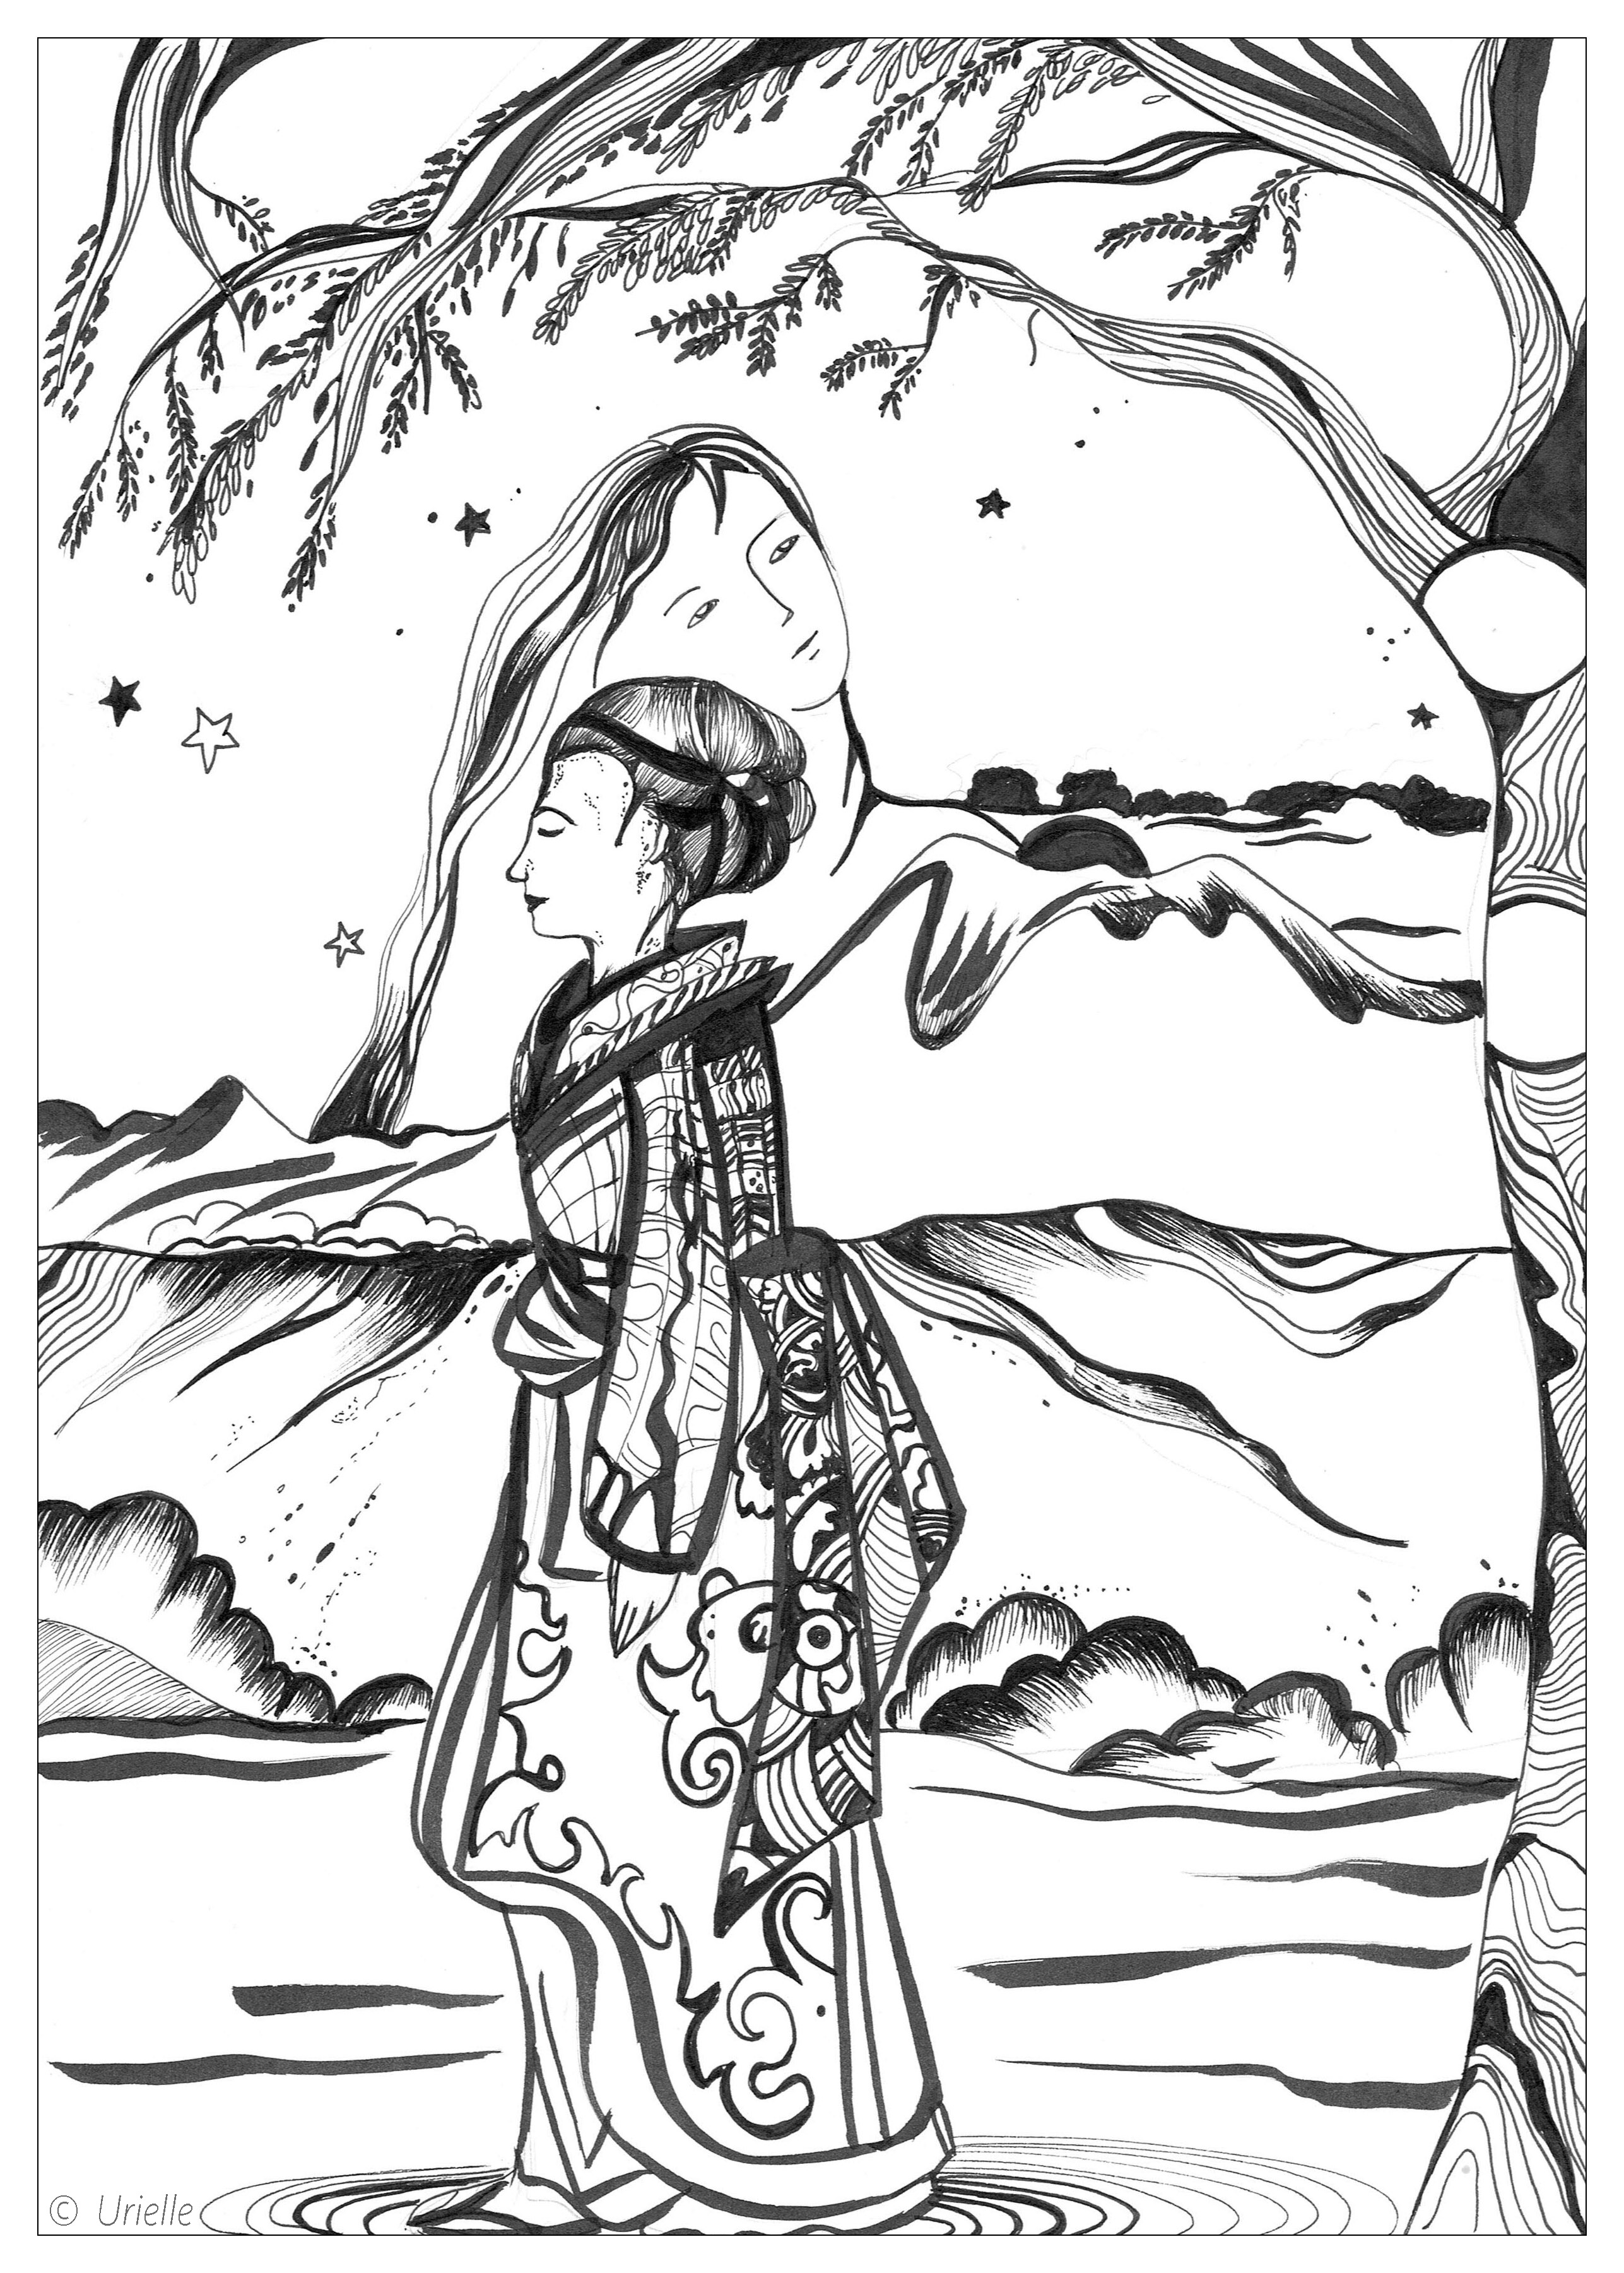 Douce contemplationA partir de la galerie : JaponArtiste : Urielle